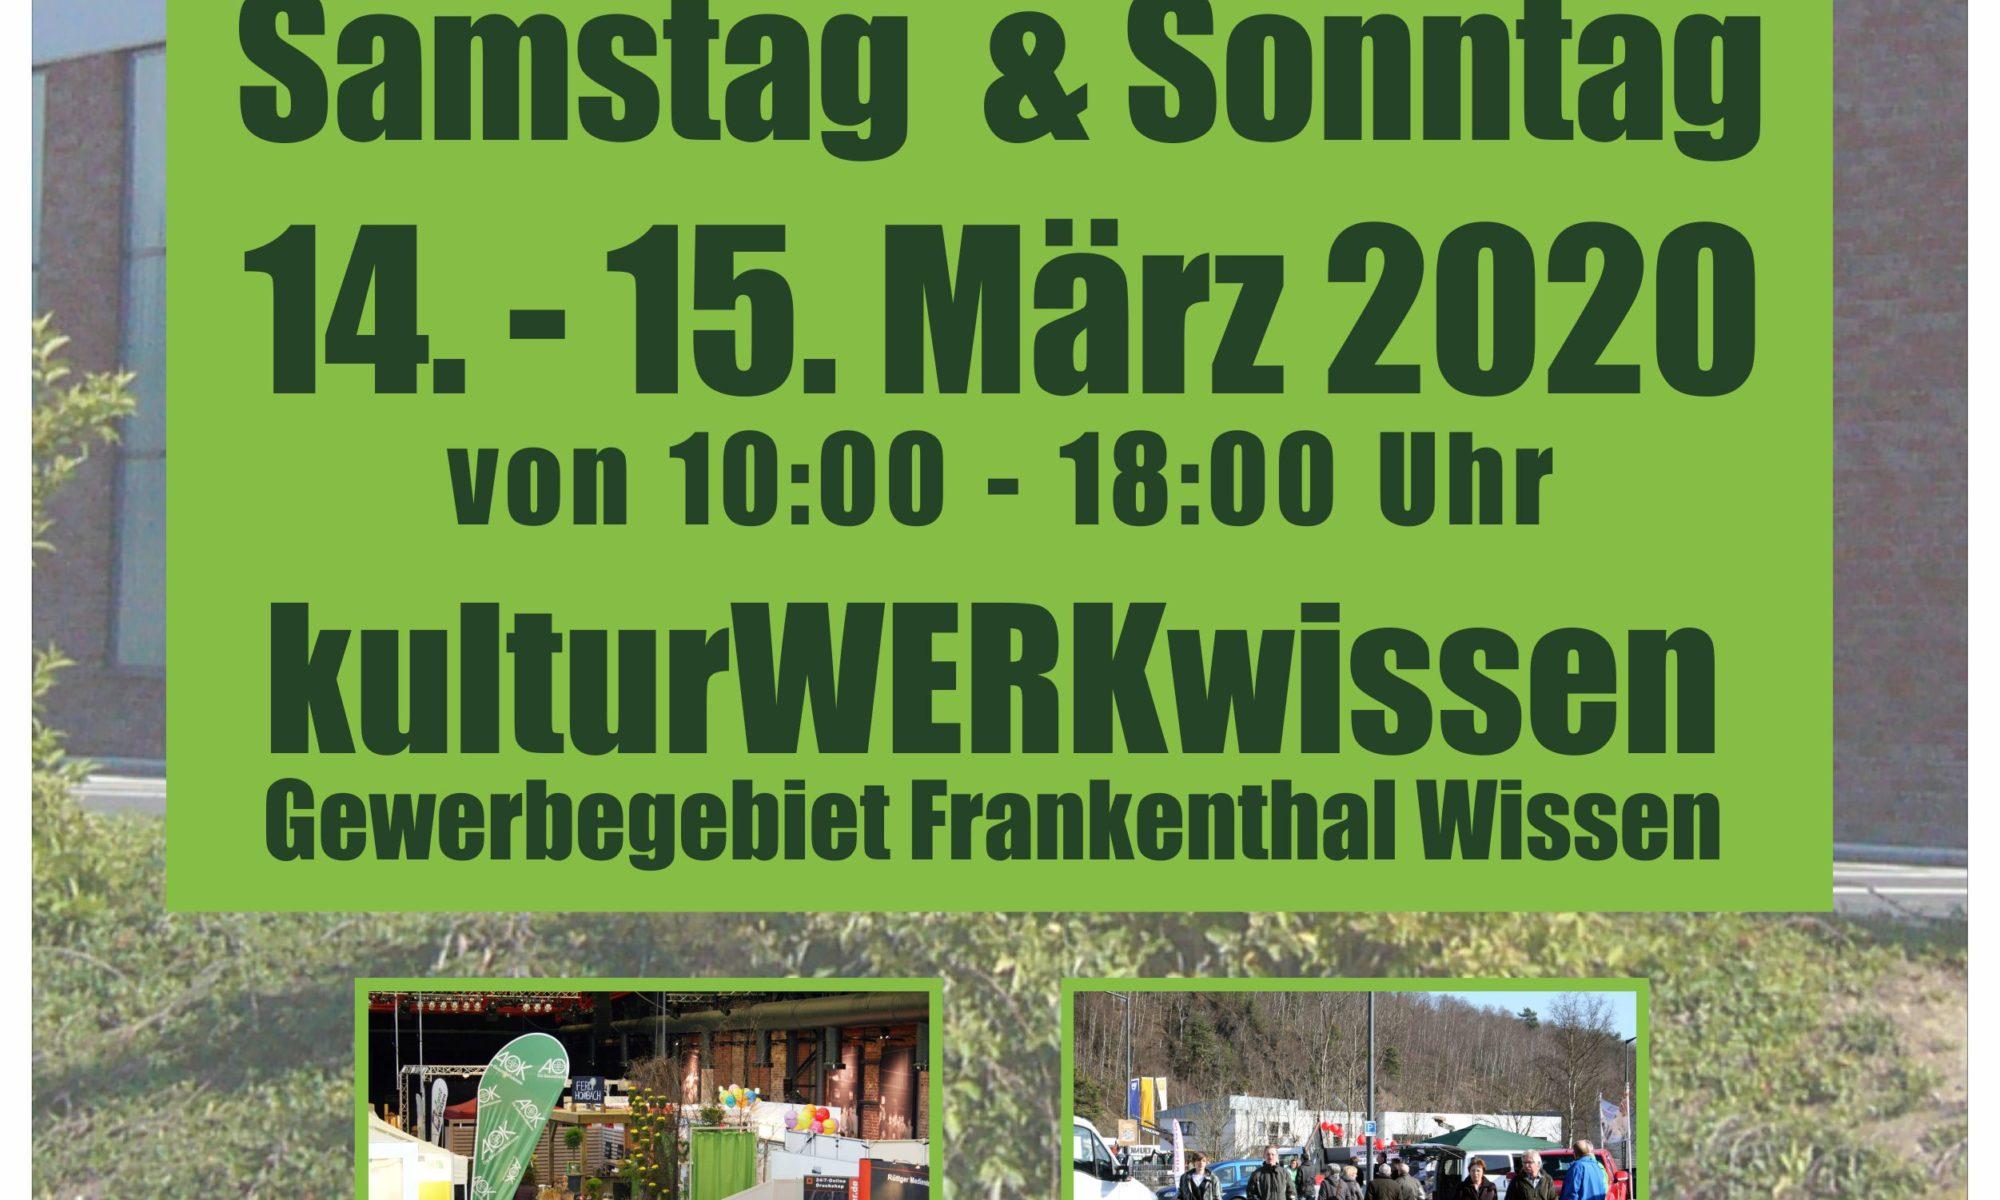 Rüttger Mediendesign auf der Regionale Wisserland.de